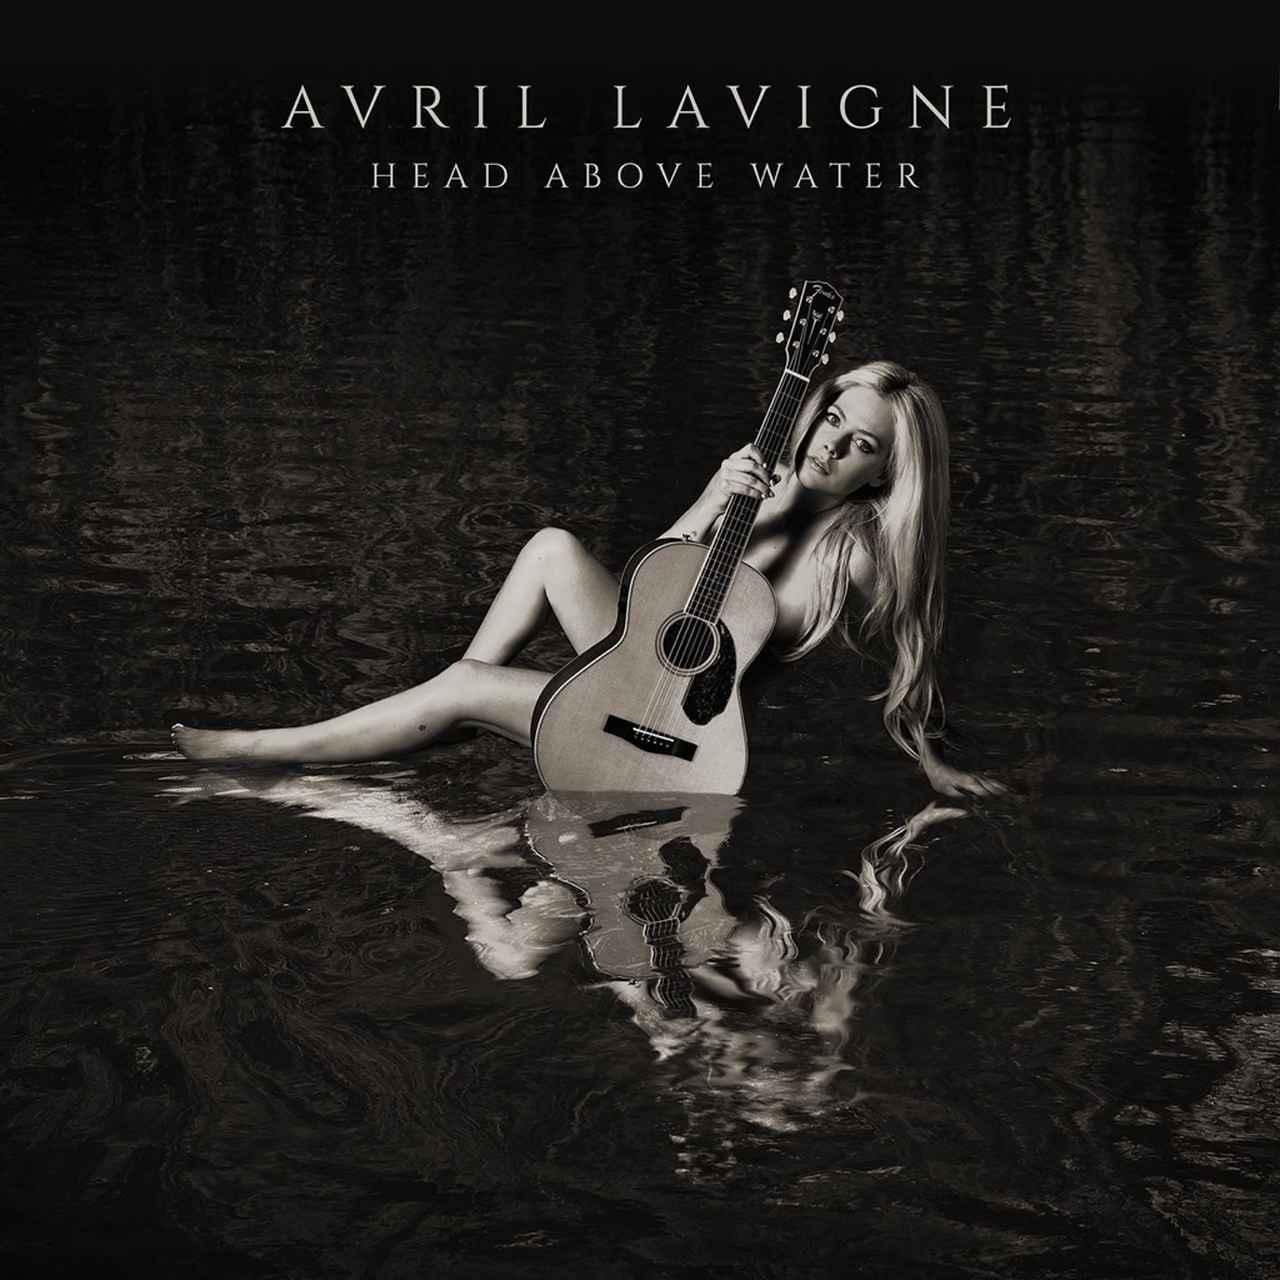 画像: Head Above Water / Avril Lavigne